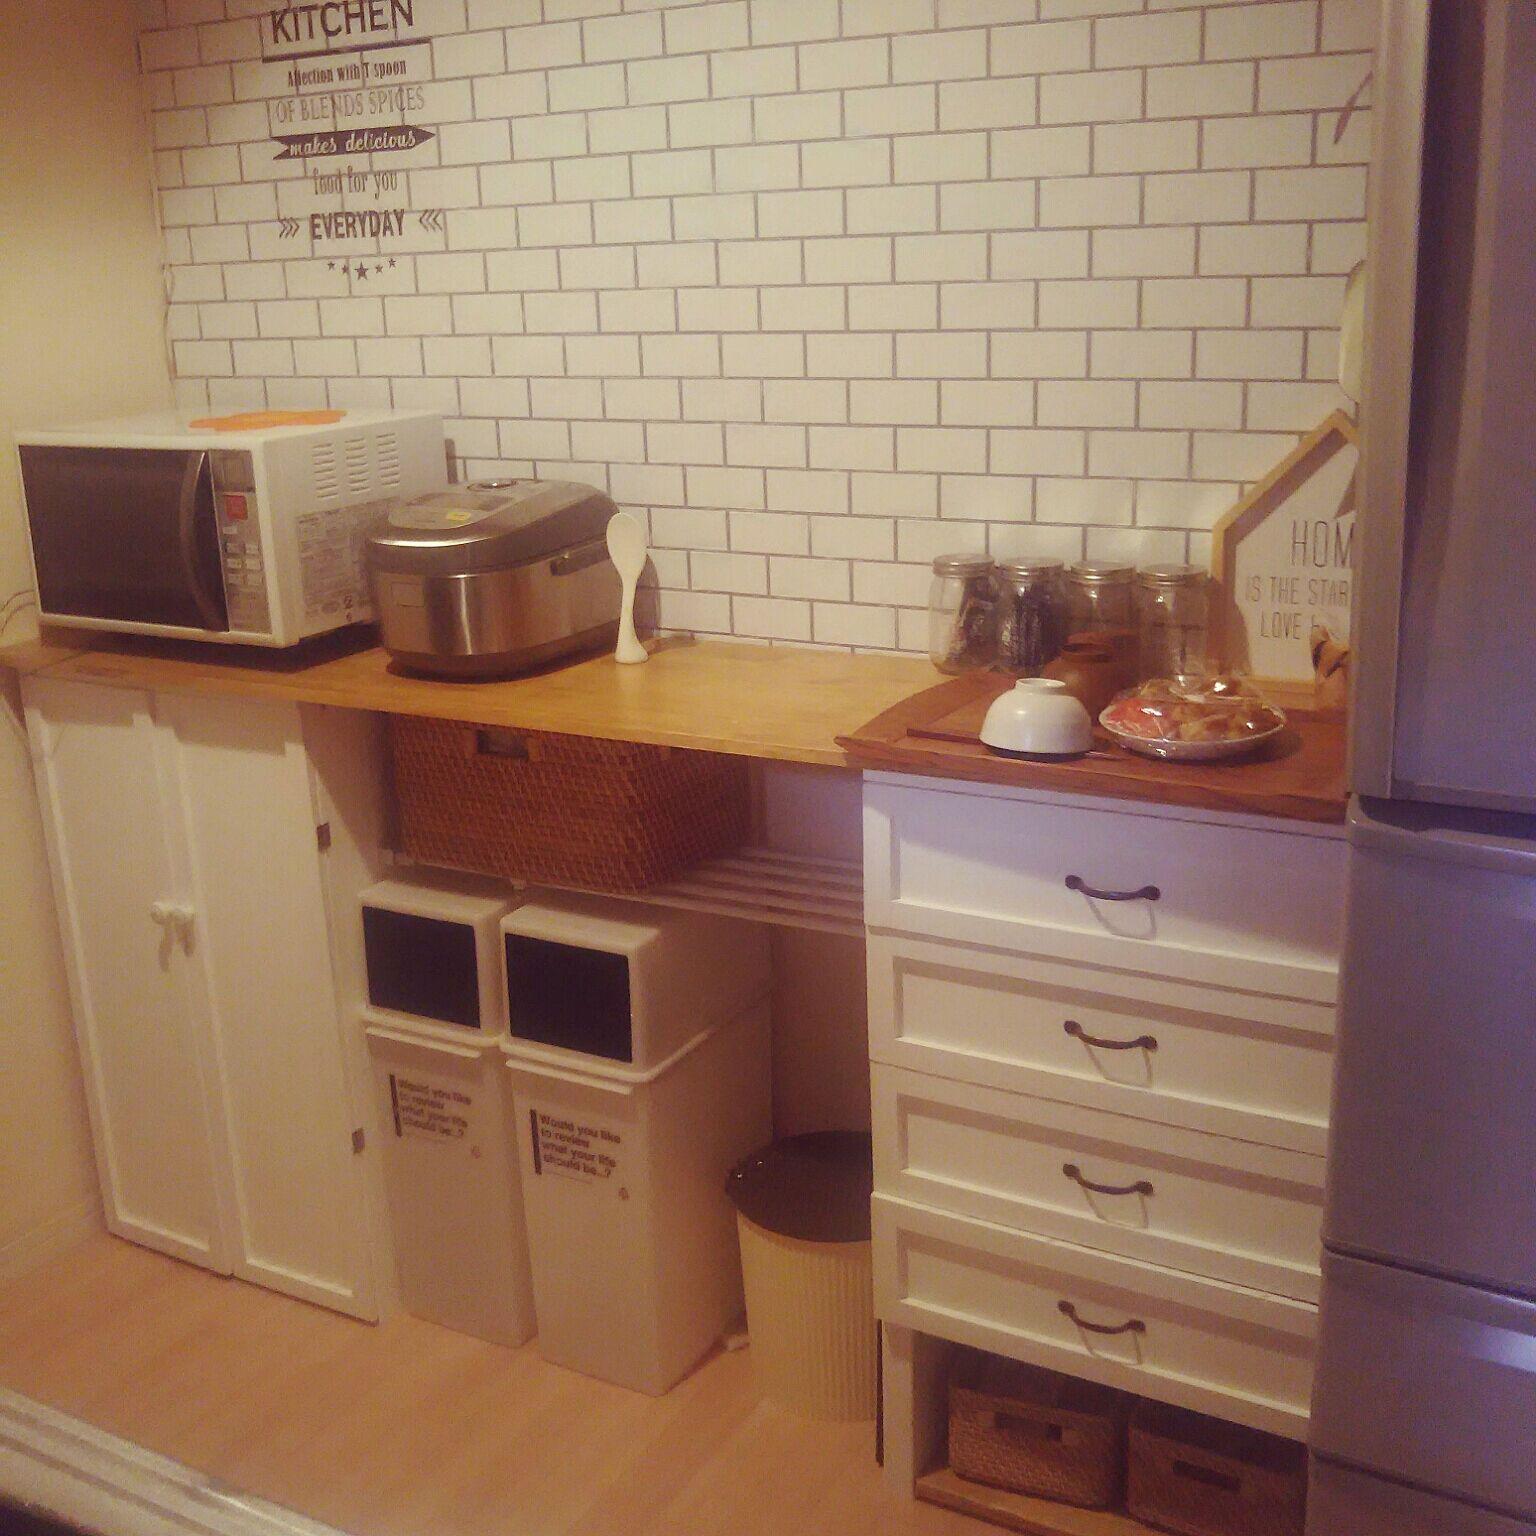 おしゃれなキッチン壁紙15選 賃貸でも貼ってはがせる簡単diyの画像 Macaroni マカロニ 2020 キッチン おしゃれ キッチン ホームインテリアデザイン